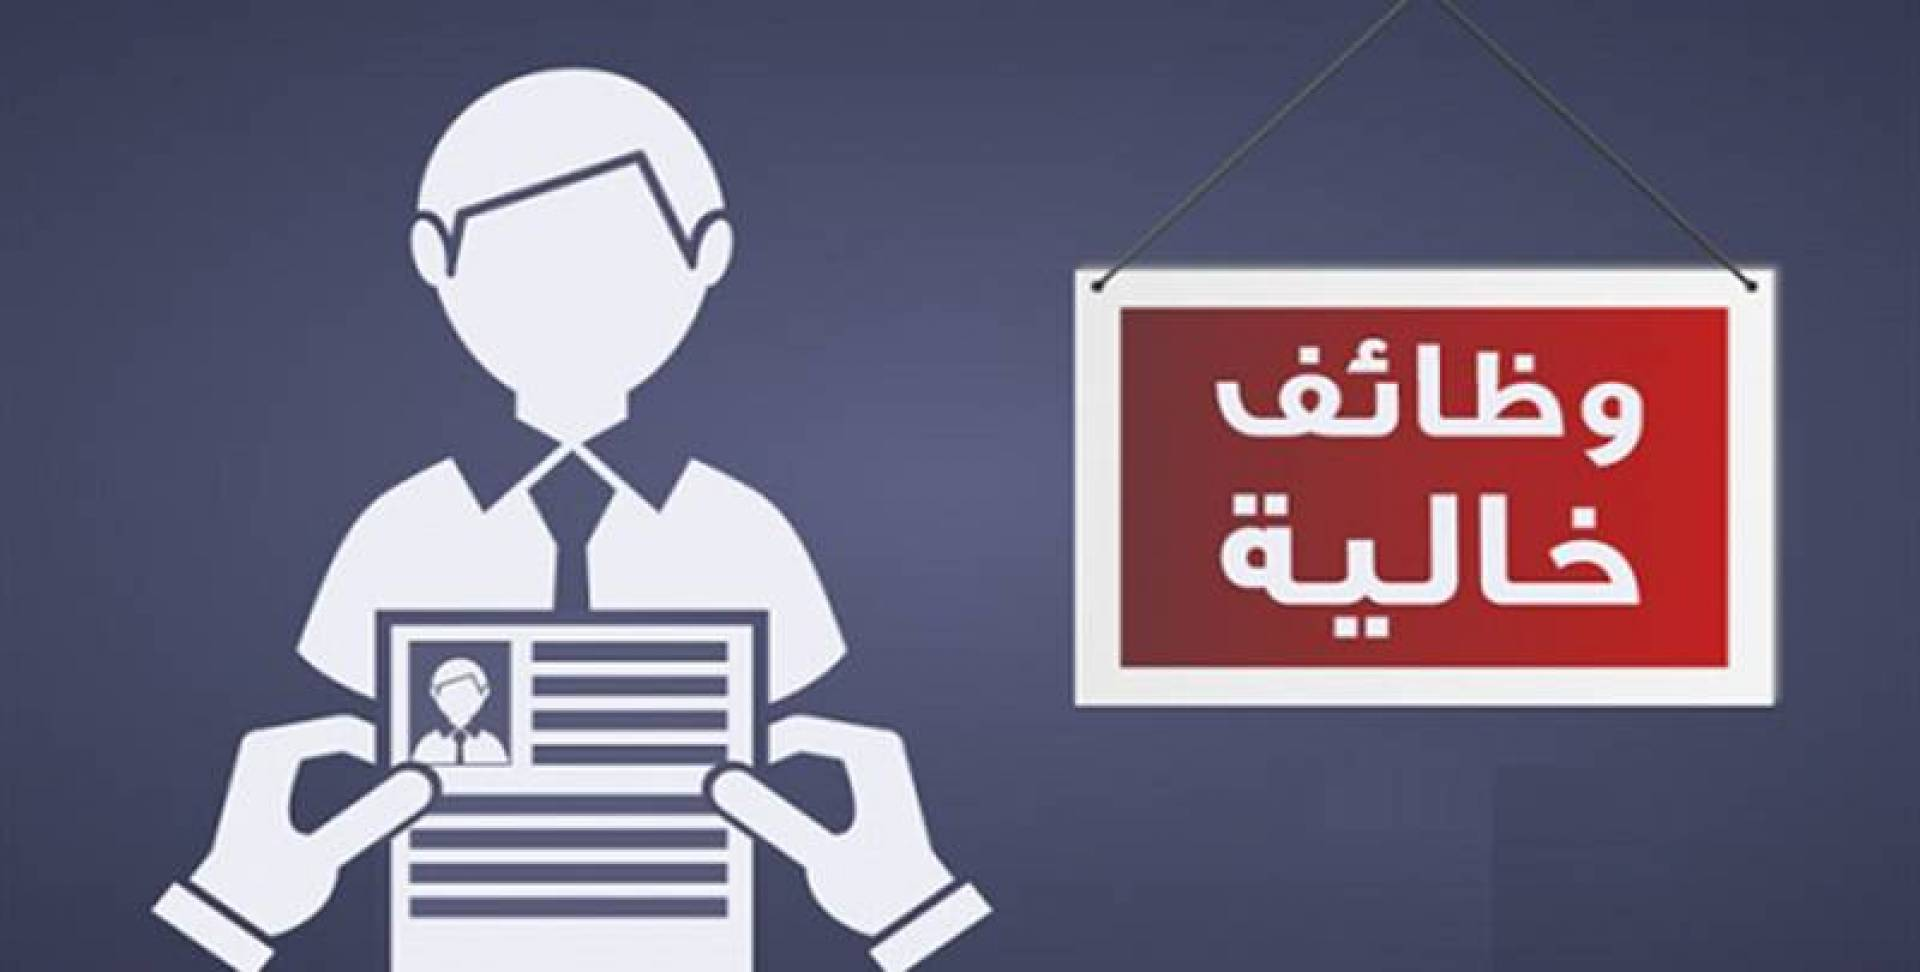 شروط المباحث العامة والتخصصات المطلوبة 1442